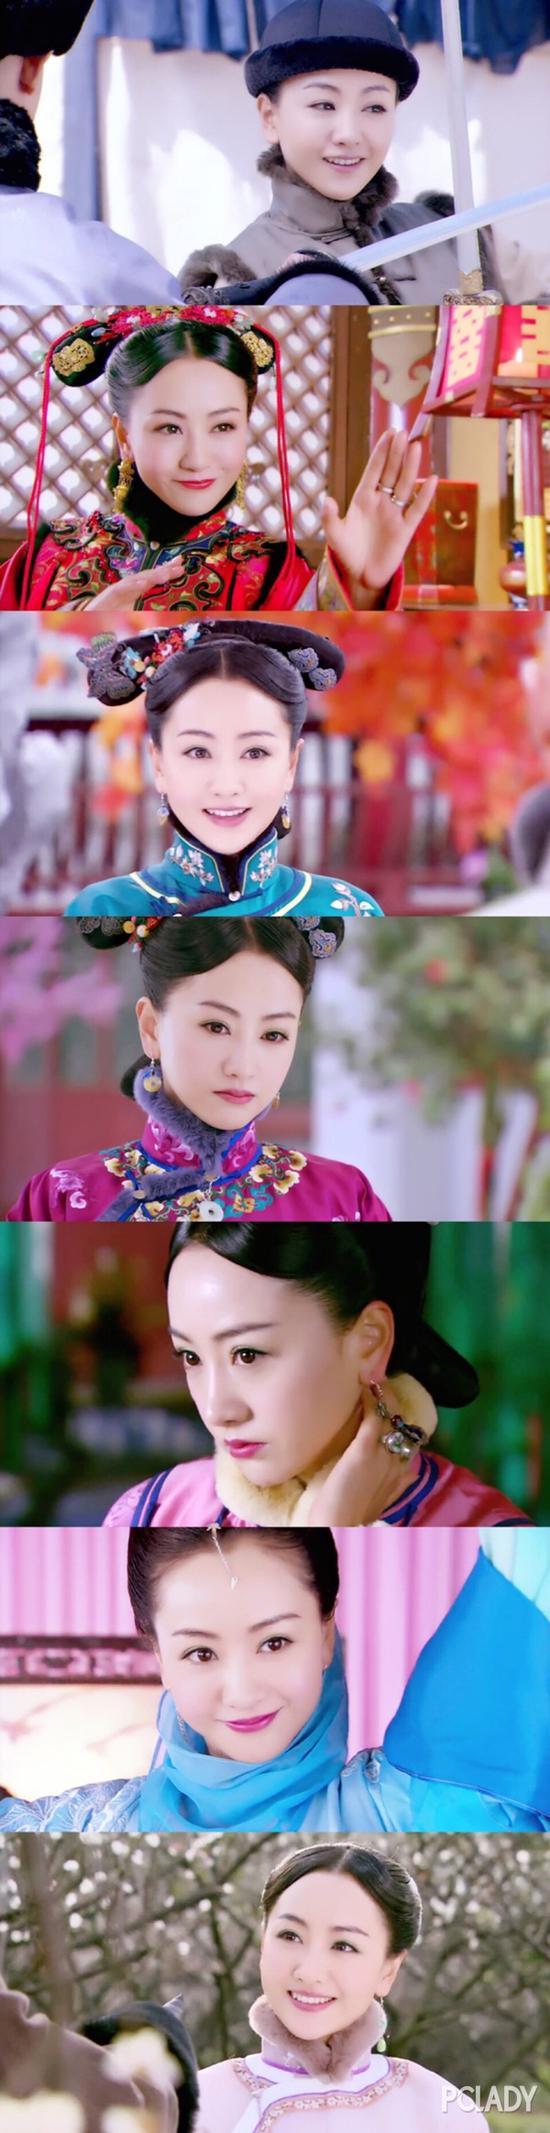 千年女二变女主 杨蓉终于翻身做主人了